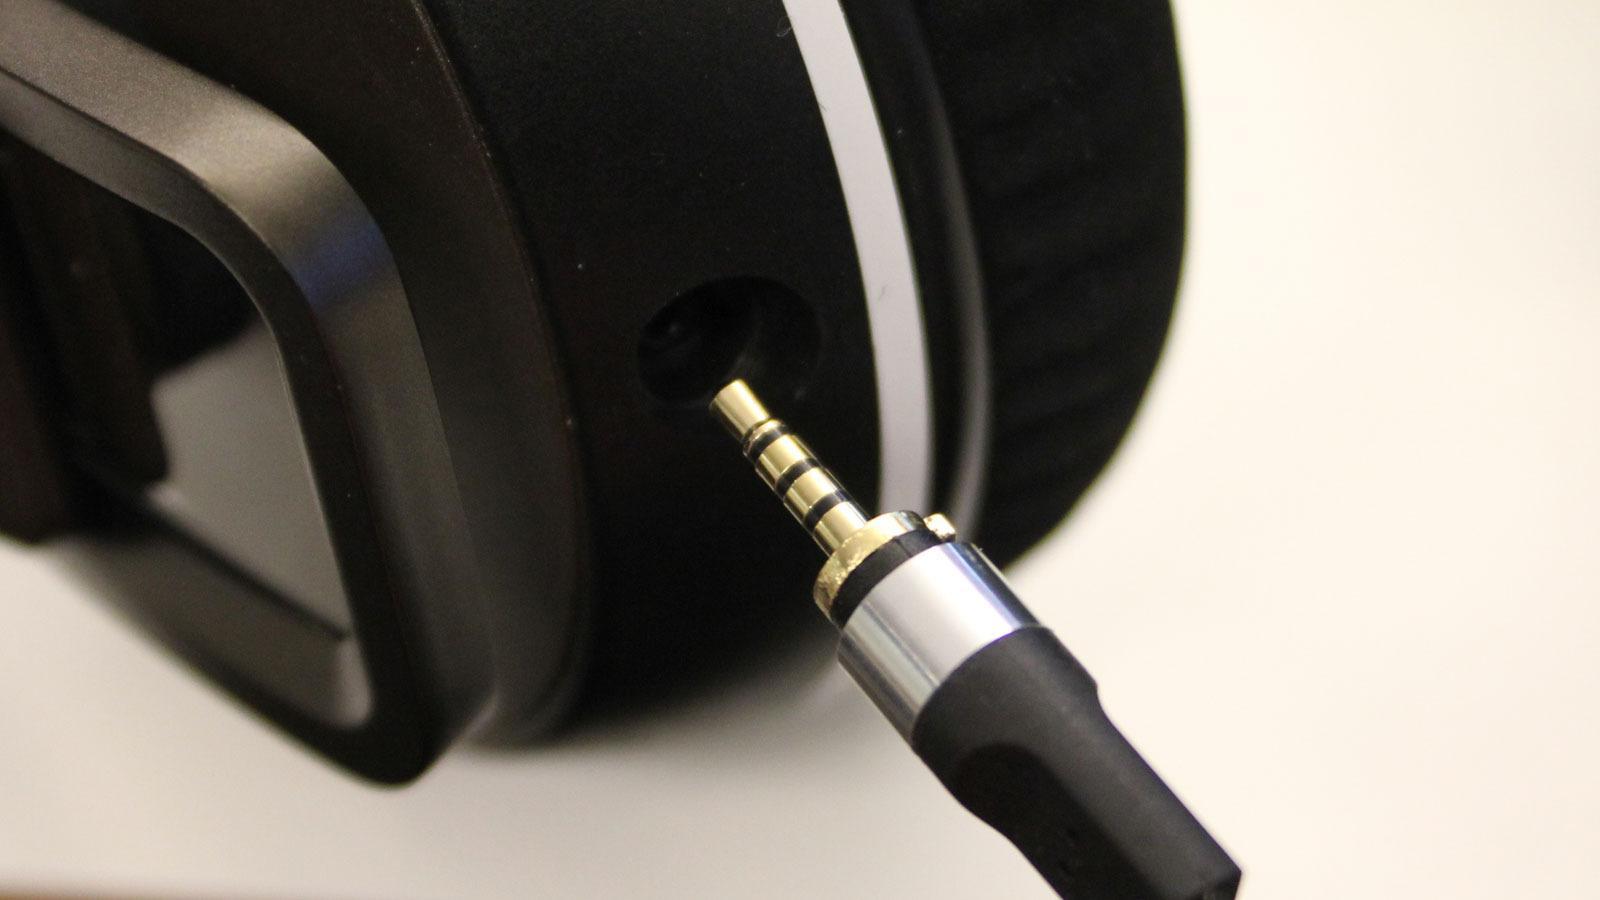 Pluggen på hodesetet er 2,5 mm. Kabelen kan byttes.Foto: Espen Irwing Swang, Tek.no